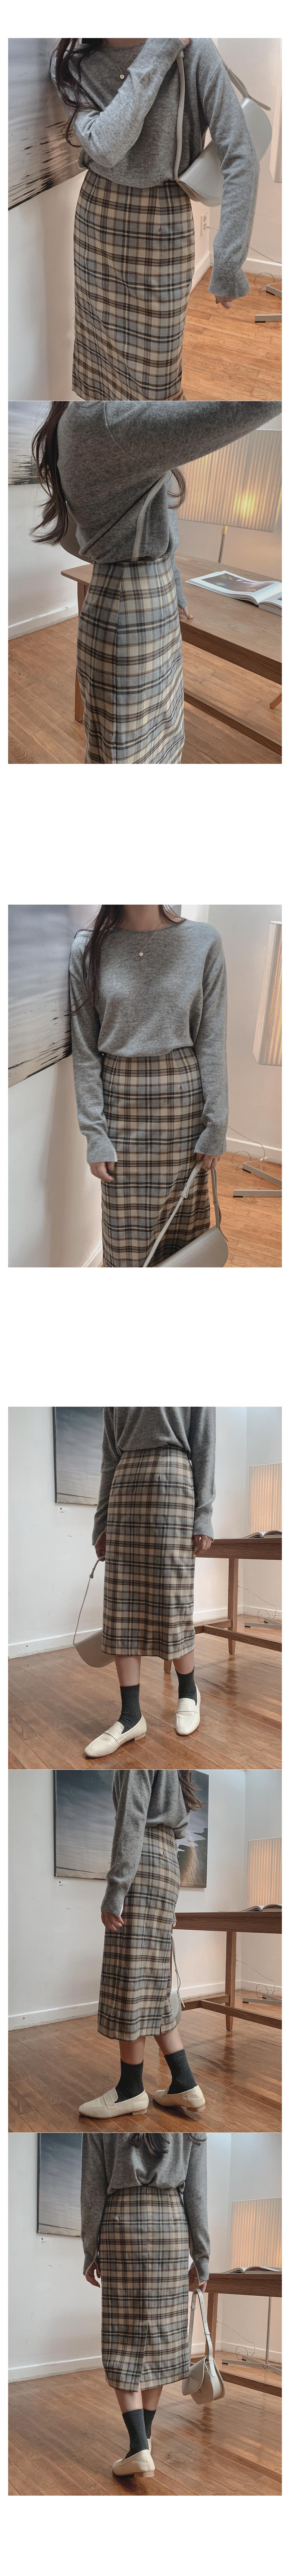 Tyrone Wool Boat Neck Knit